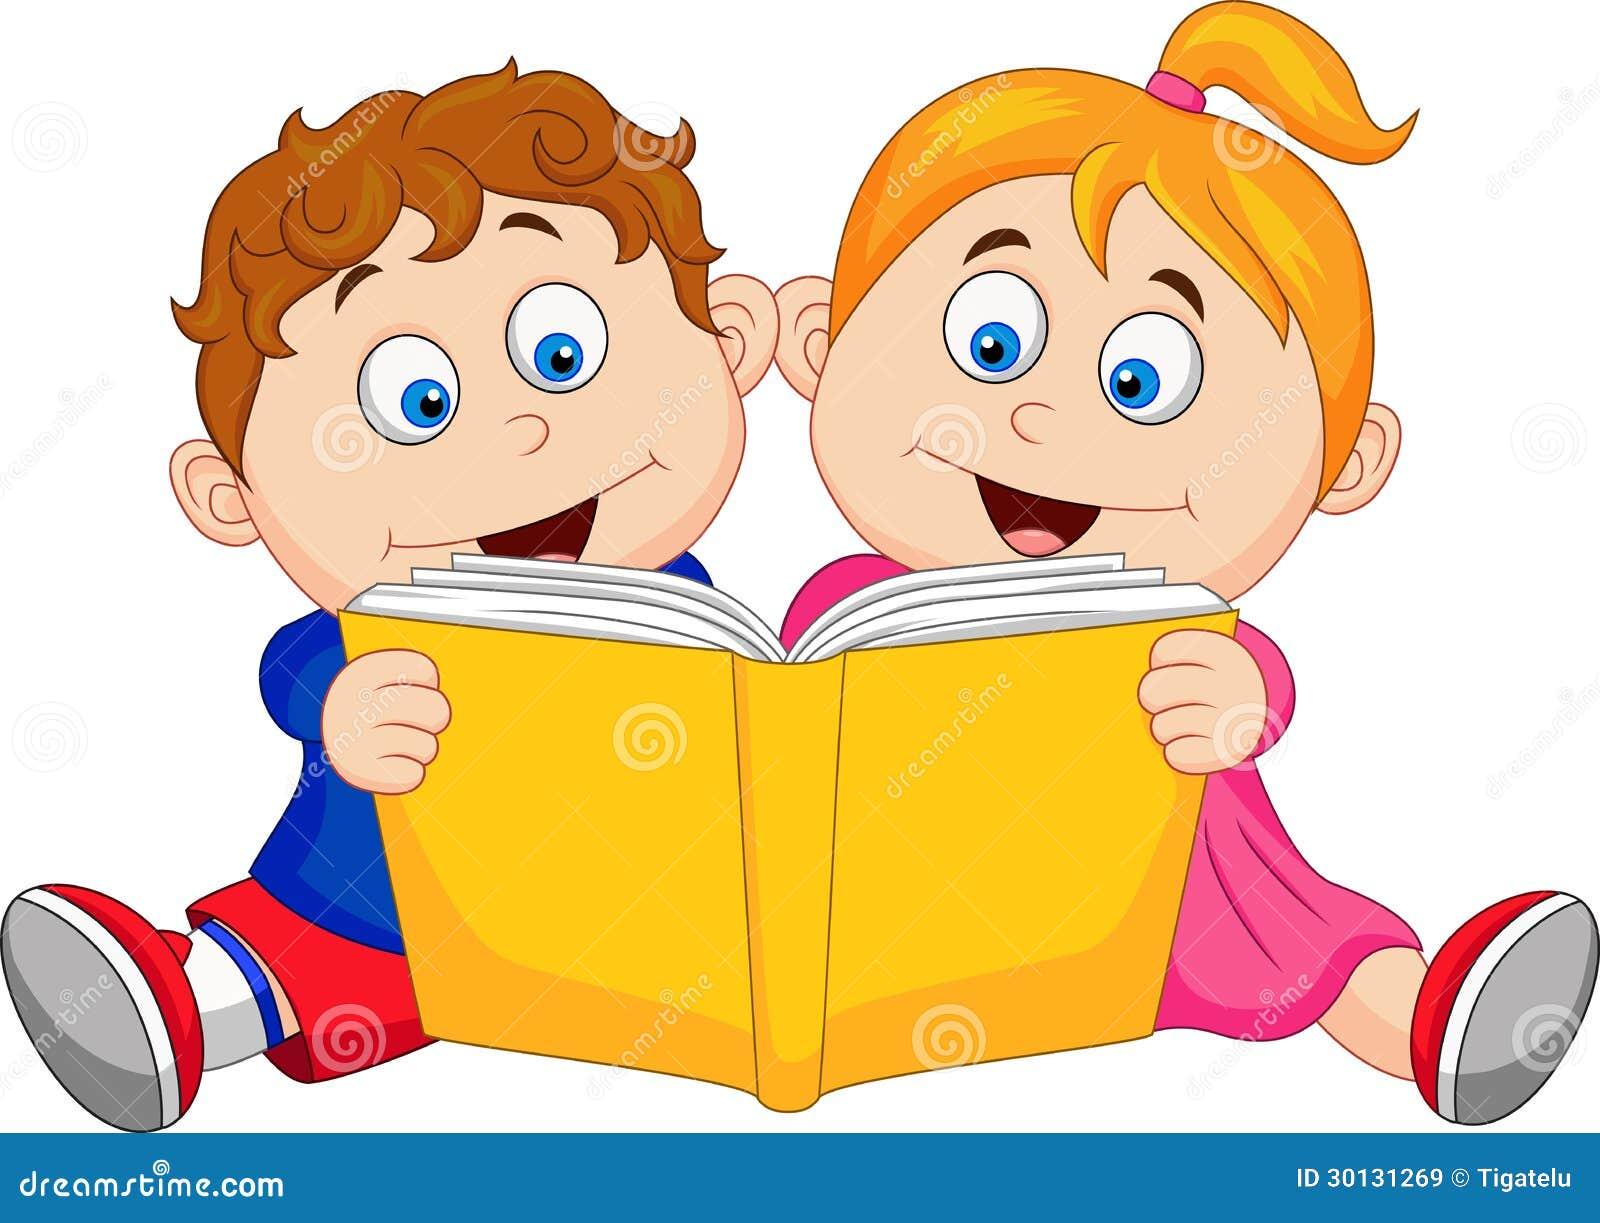 Bambini Che Leggono Un Libro Illustrazioni Vettoriali E Clipart